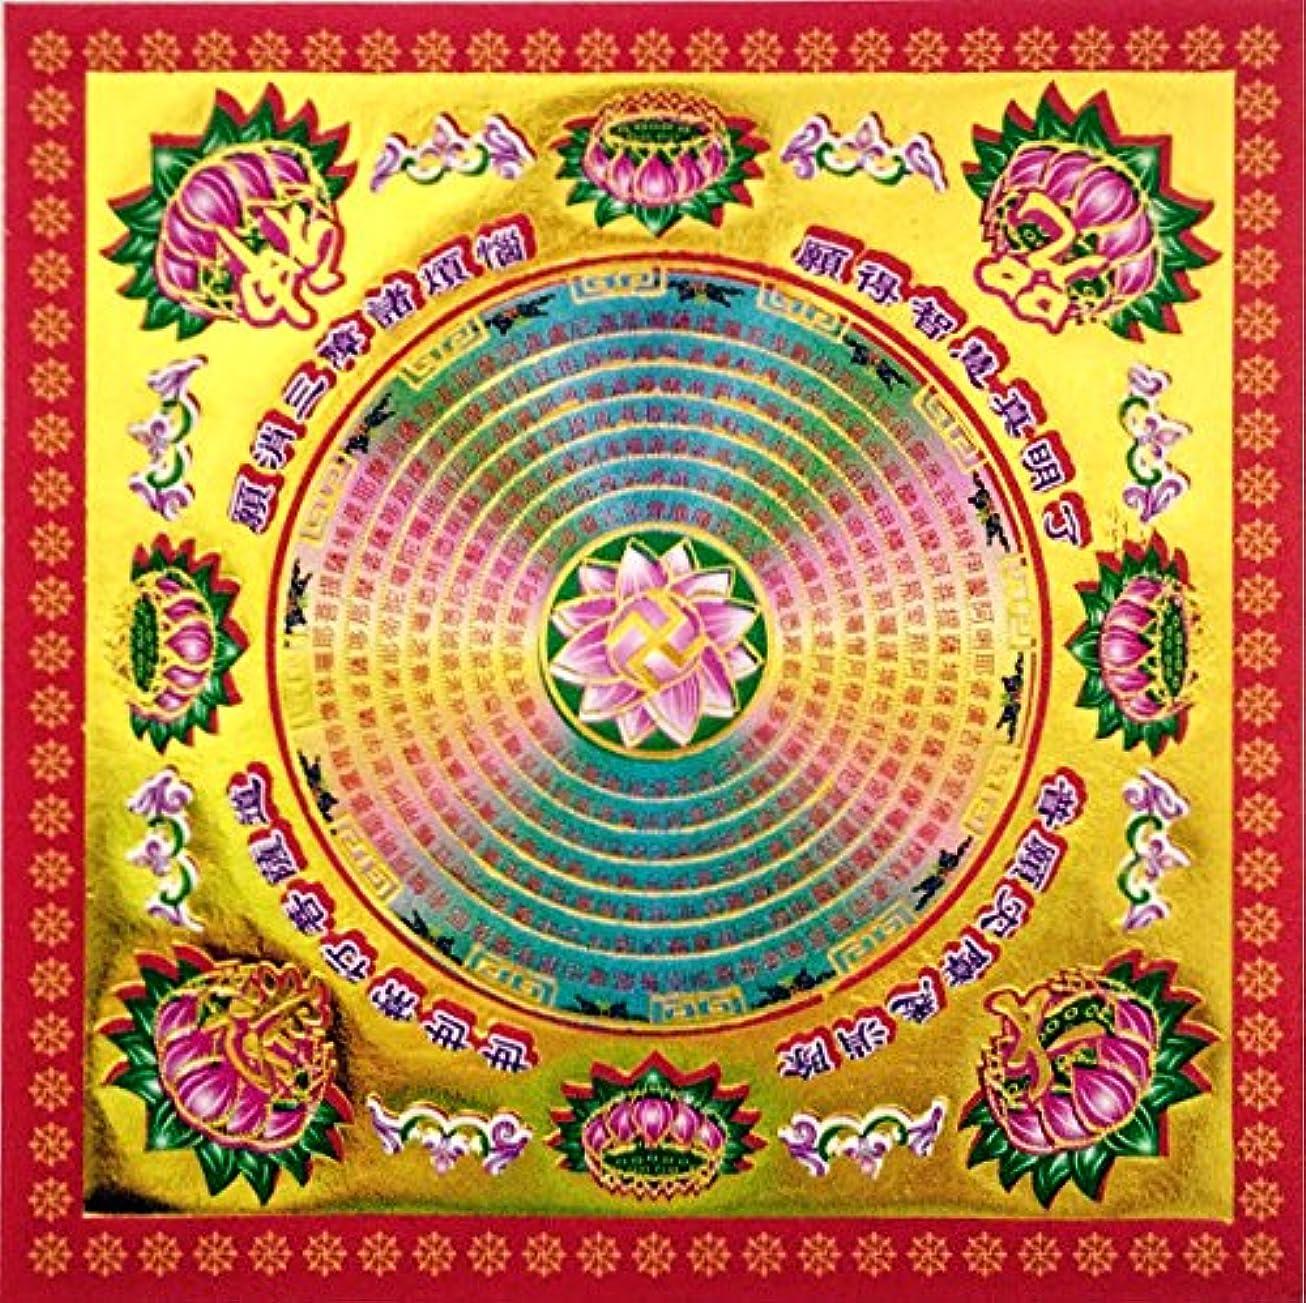 慢グリースなかなか49pcs Incense用紙/ Joss用紙ハイグレードカラフルwithゴールドの箔Sサイズの祖先Praying 7.5インチx 7.5インチ(レッド)